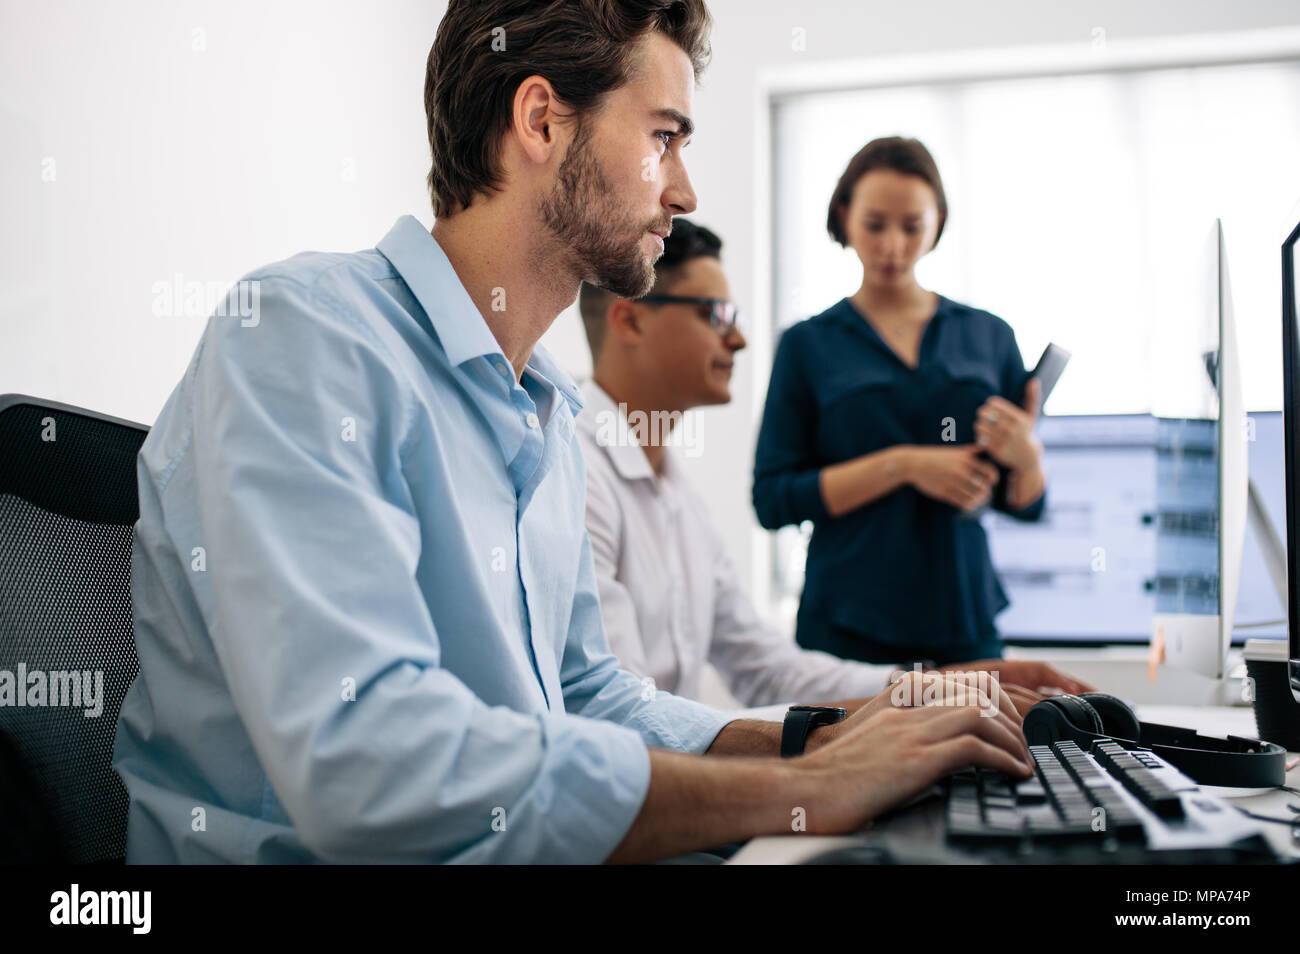 Los desarrolladores de software sentado en la oficina trabajando en equipos. Dos hombres en el desarrollo de aplicaciones en el ordenador mientras un colega mira. Imagen De Stock